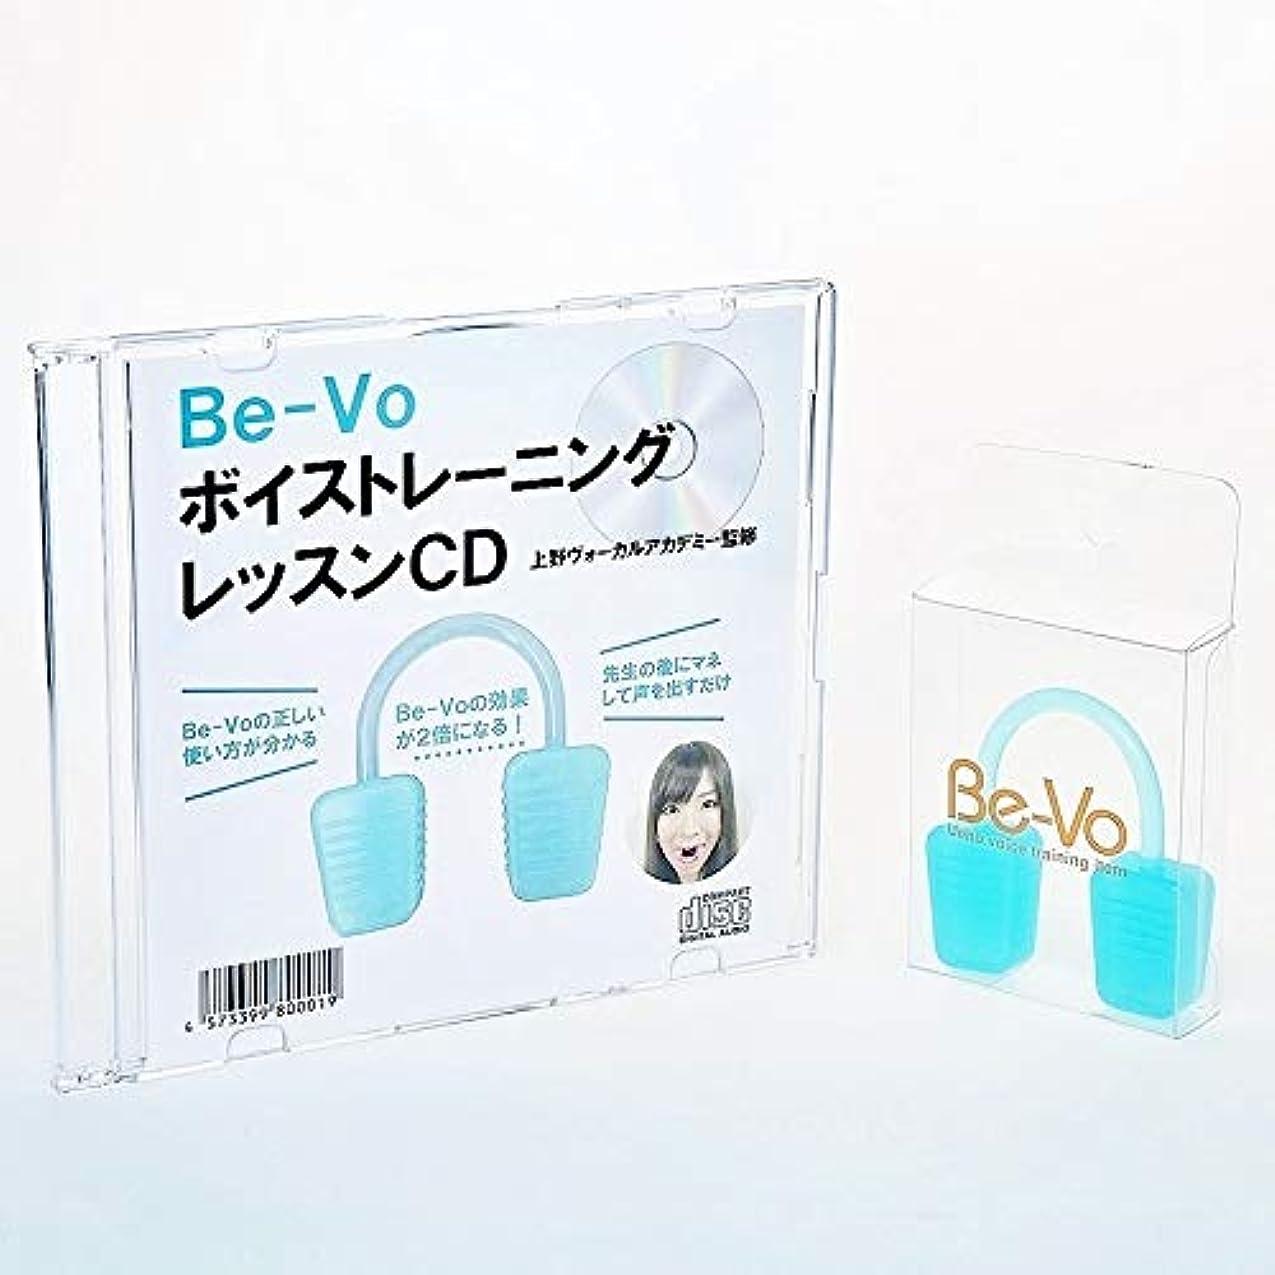 熱狂的なオーロック祝福するBe-Vo CD セット ブルー|ボイストレーニング器具Be-Vo(ビーボ)+Be-VoボイストレーニングレッスンCD2点セット